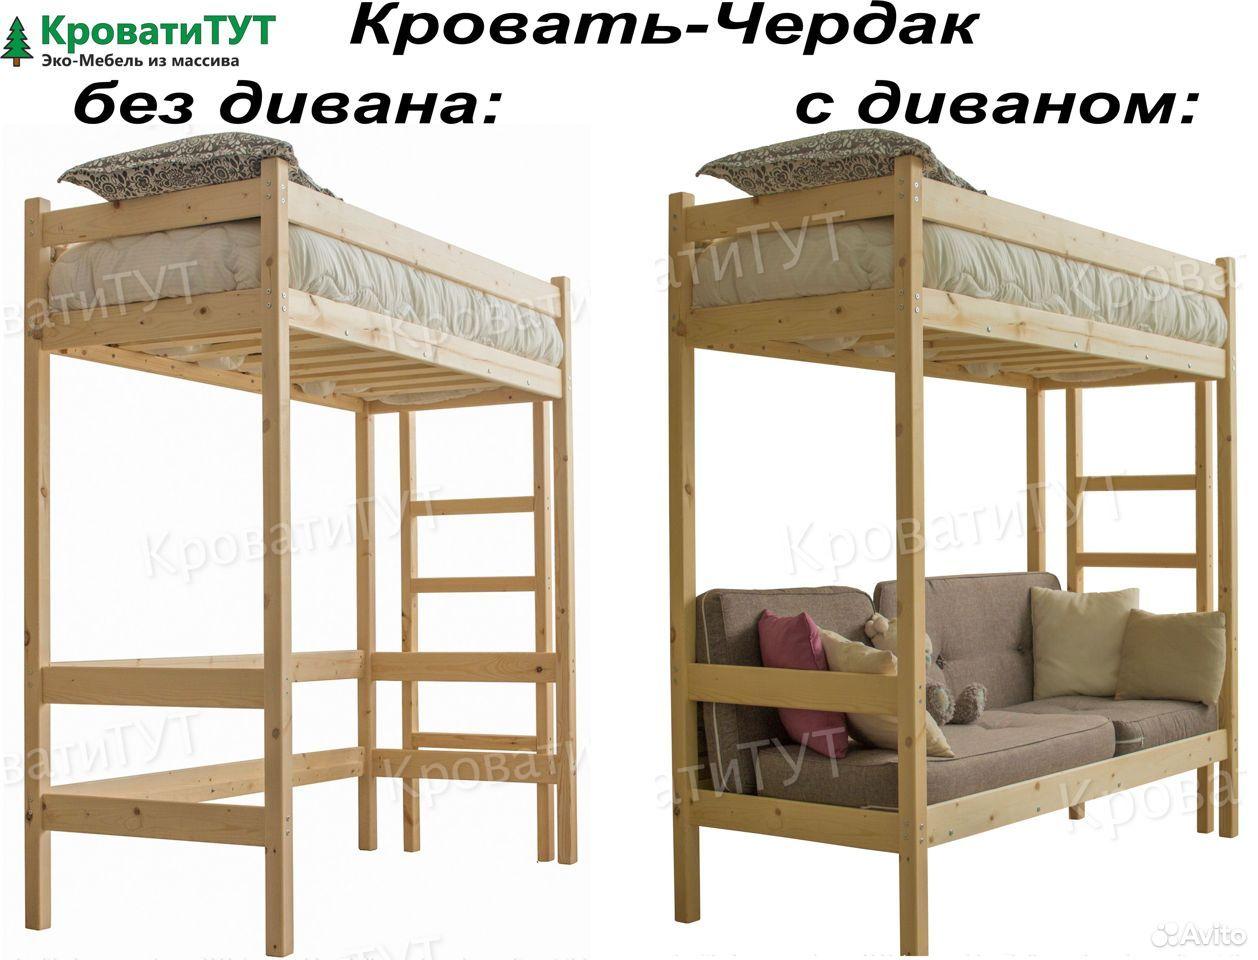 Кровать Двухъярусная Домик Чердак из массива сосны  89061701070 купить 10